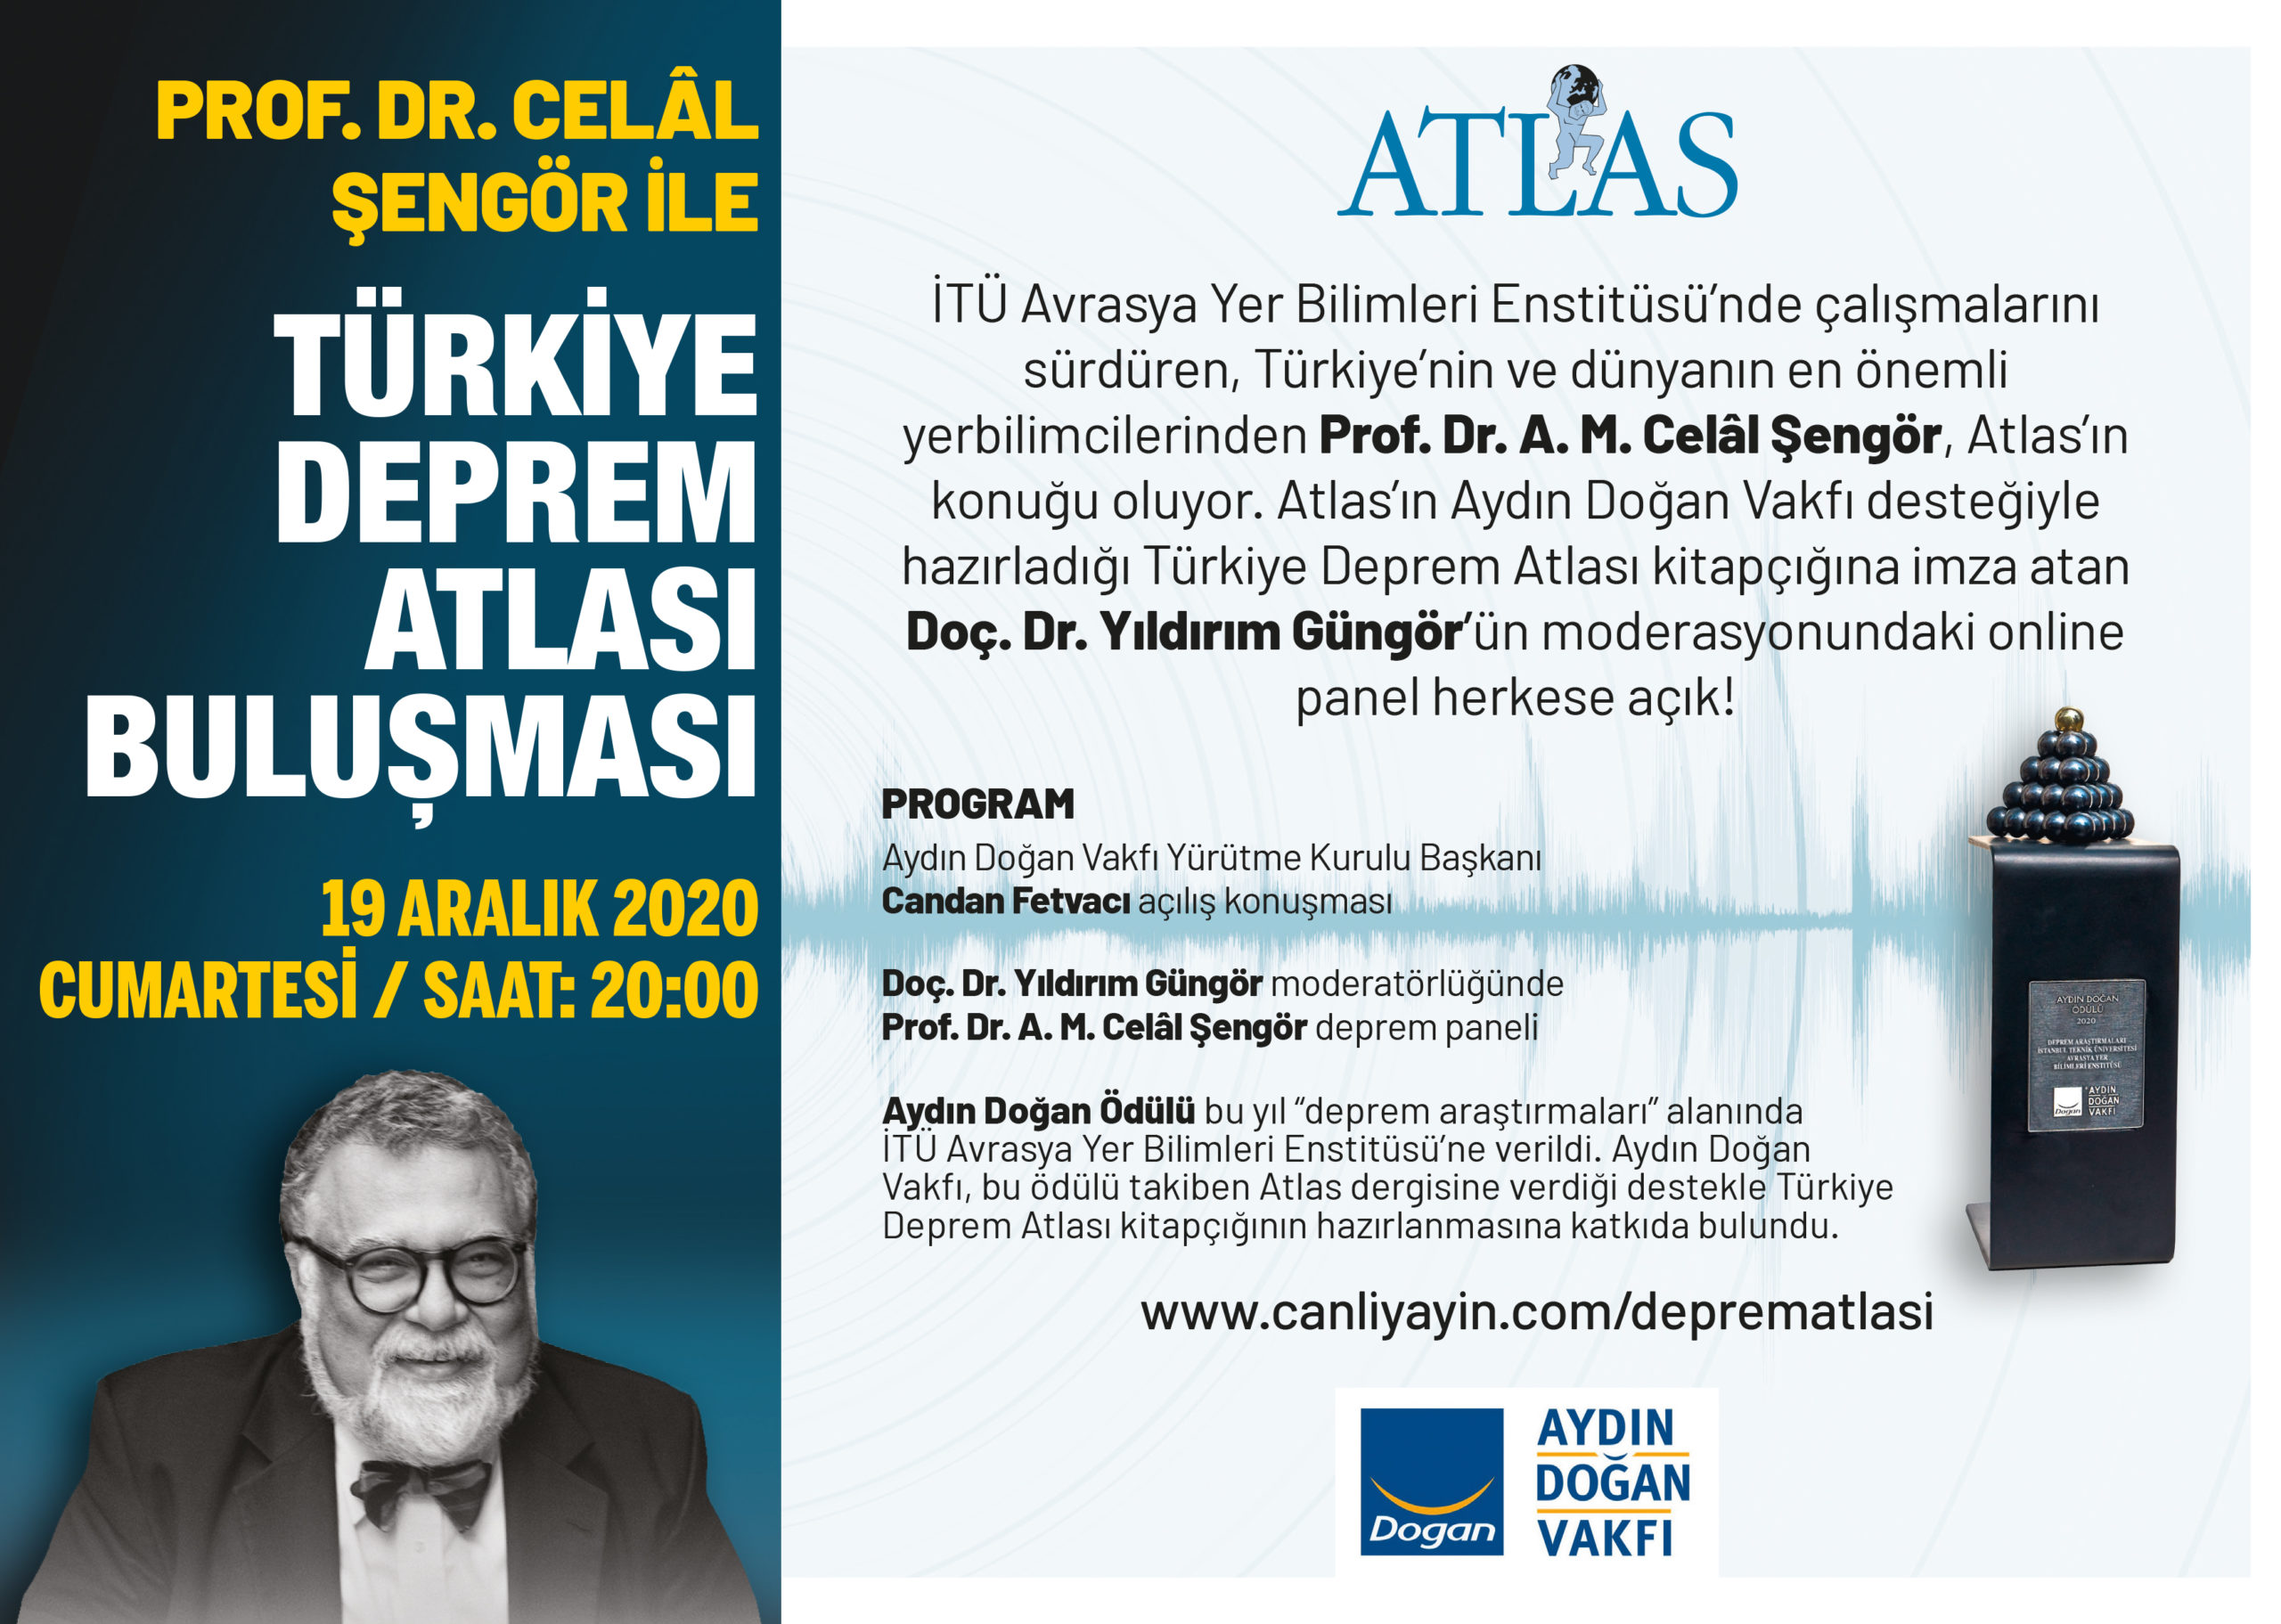 Prof. Dr. Celâl Şengör ile Türkiye Deprem Atlası Buluşması | Atlas | Genel